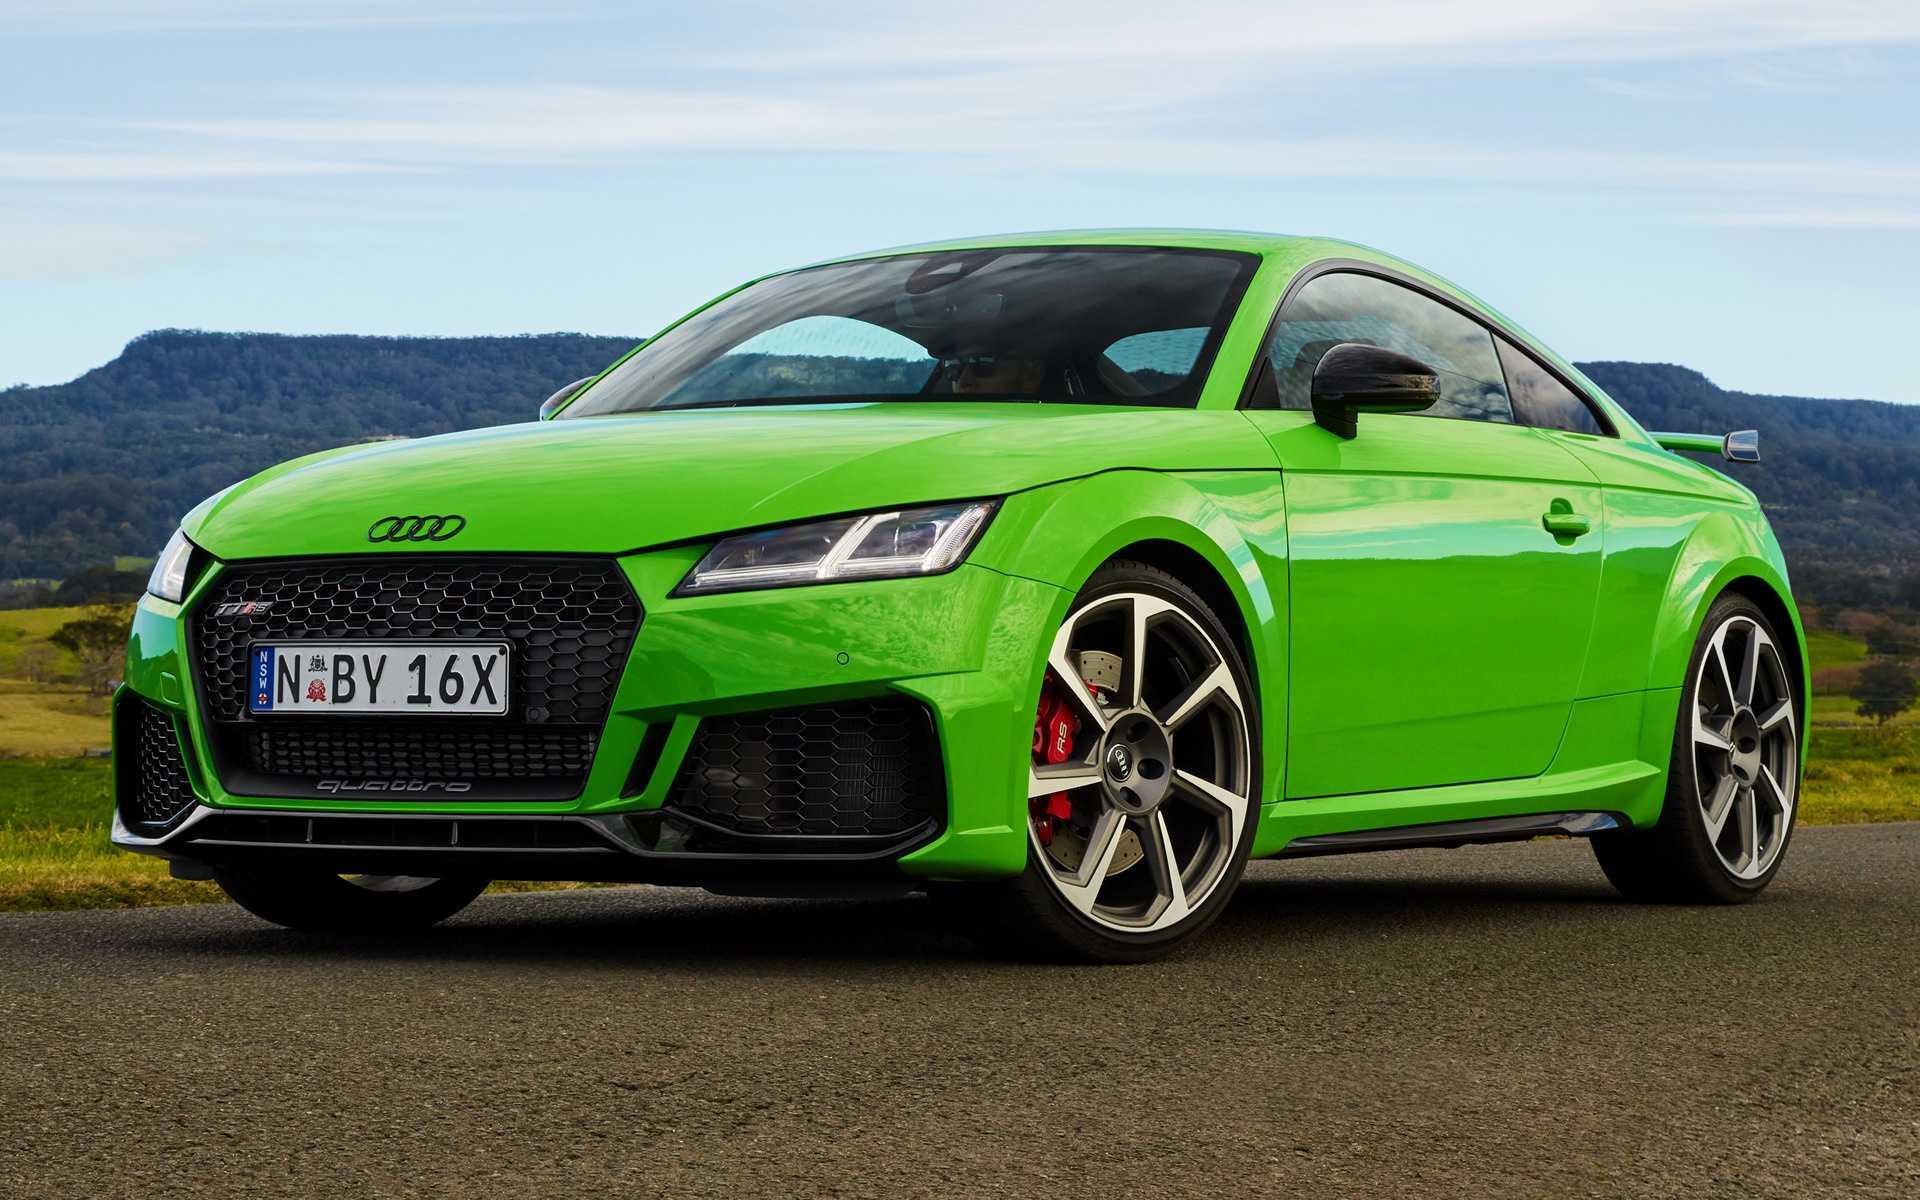 Audi tt - обзор, цены, видео, технические характеристики ауди тт